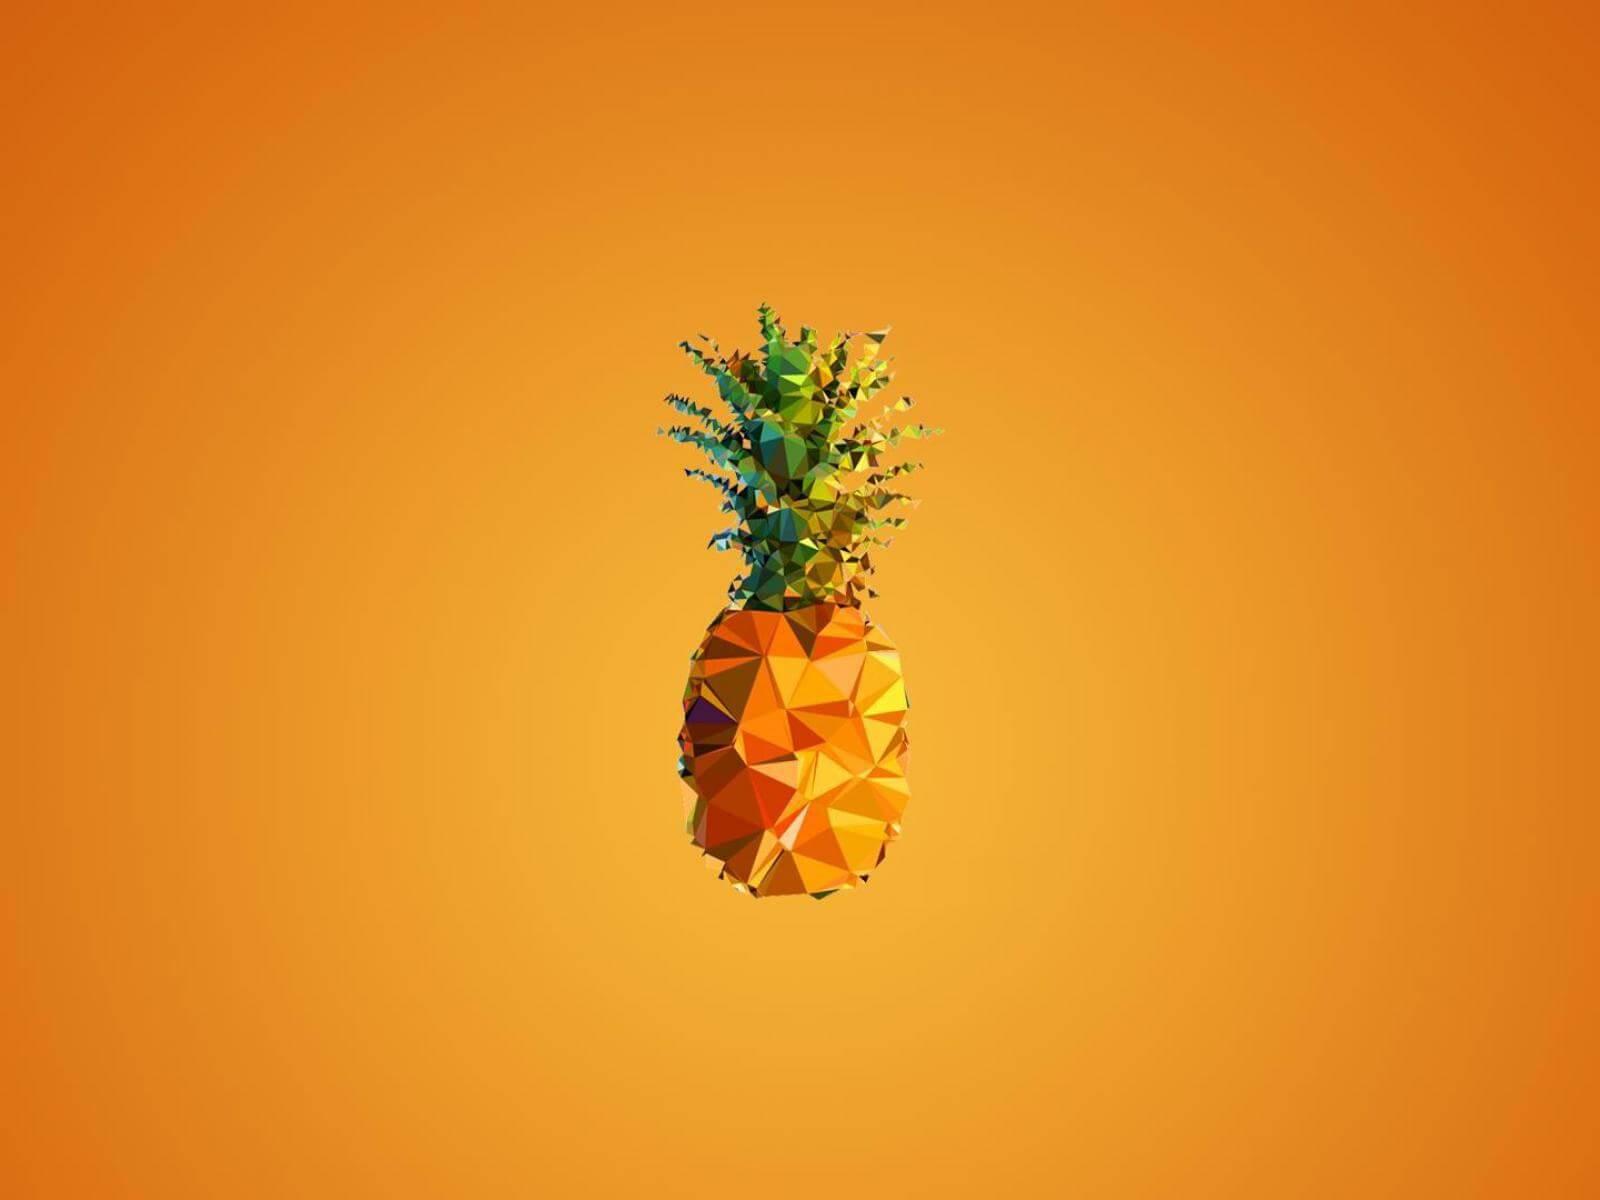 Красивые и прикольные картинки, обои ананаса - подборка 2018 19